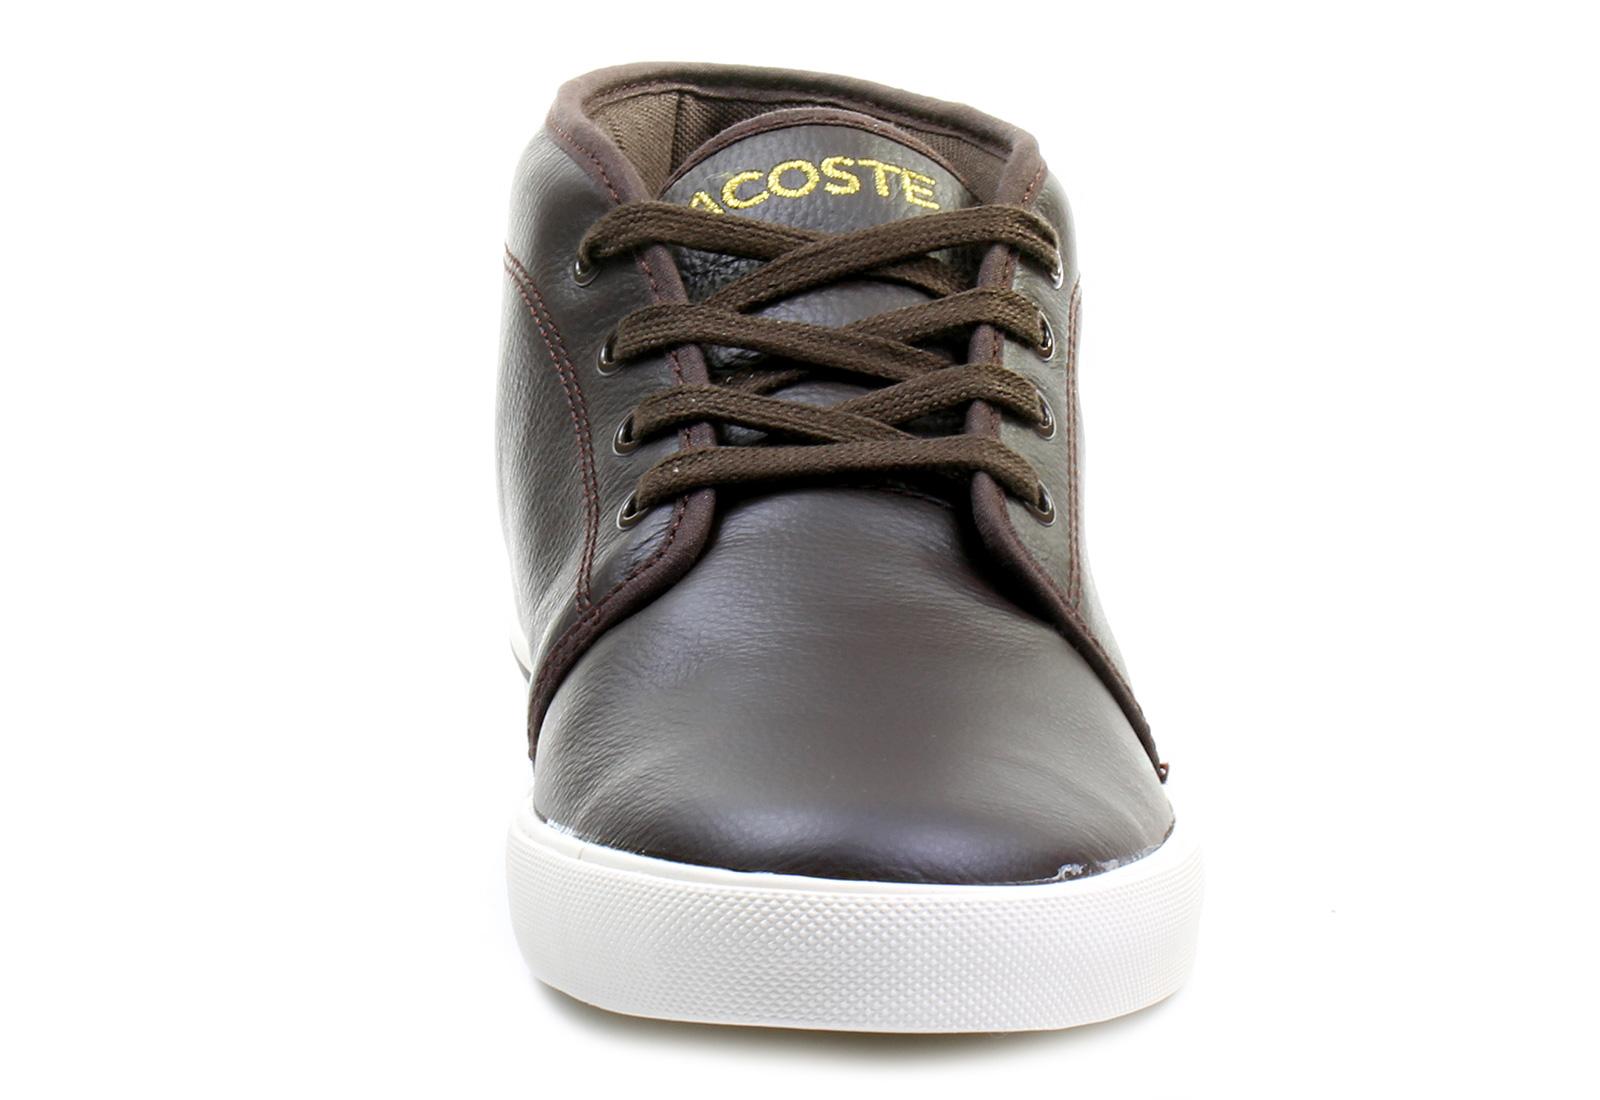 Lacoste Shoes - Ampthill Lthr - 11f-1561-176